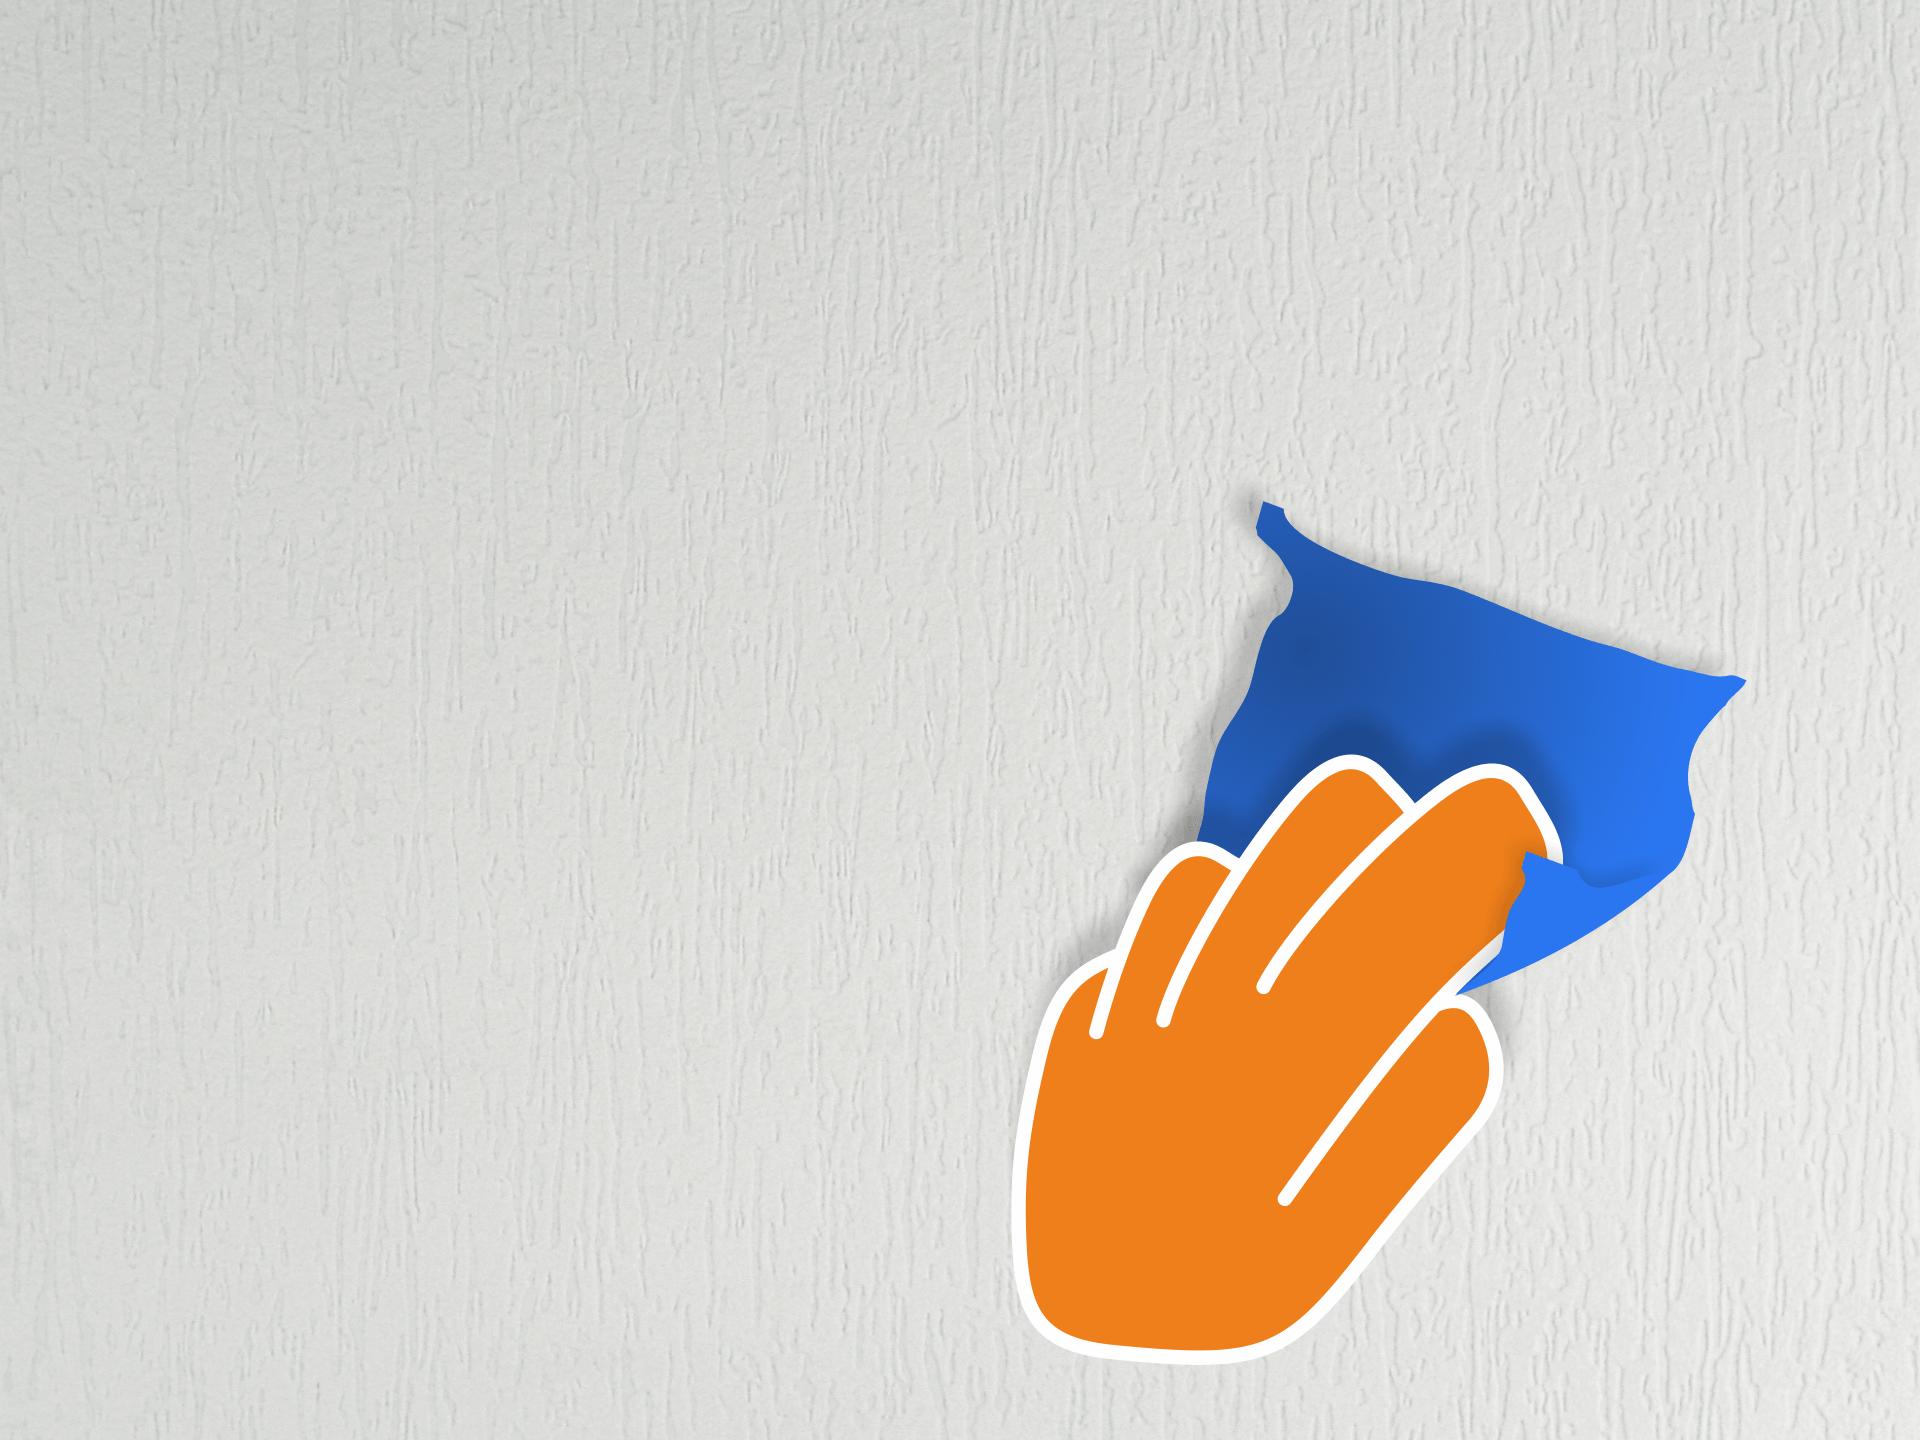 Wand trocken abwischen und entstauben.